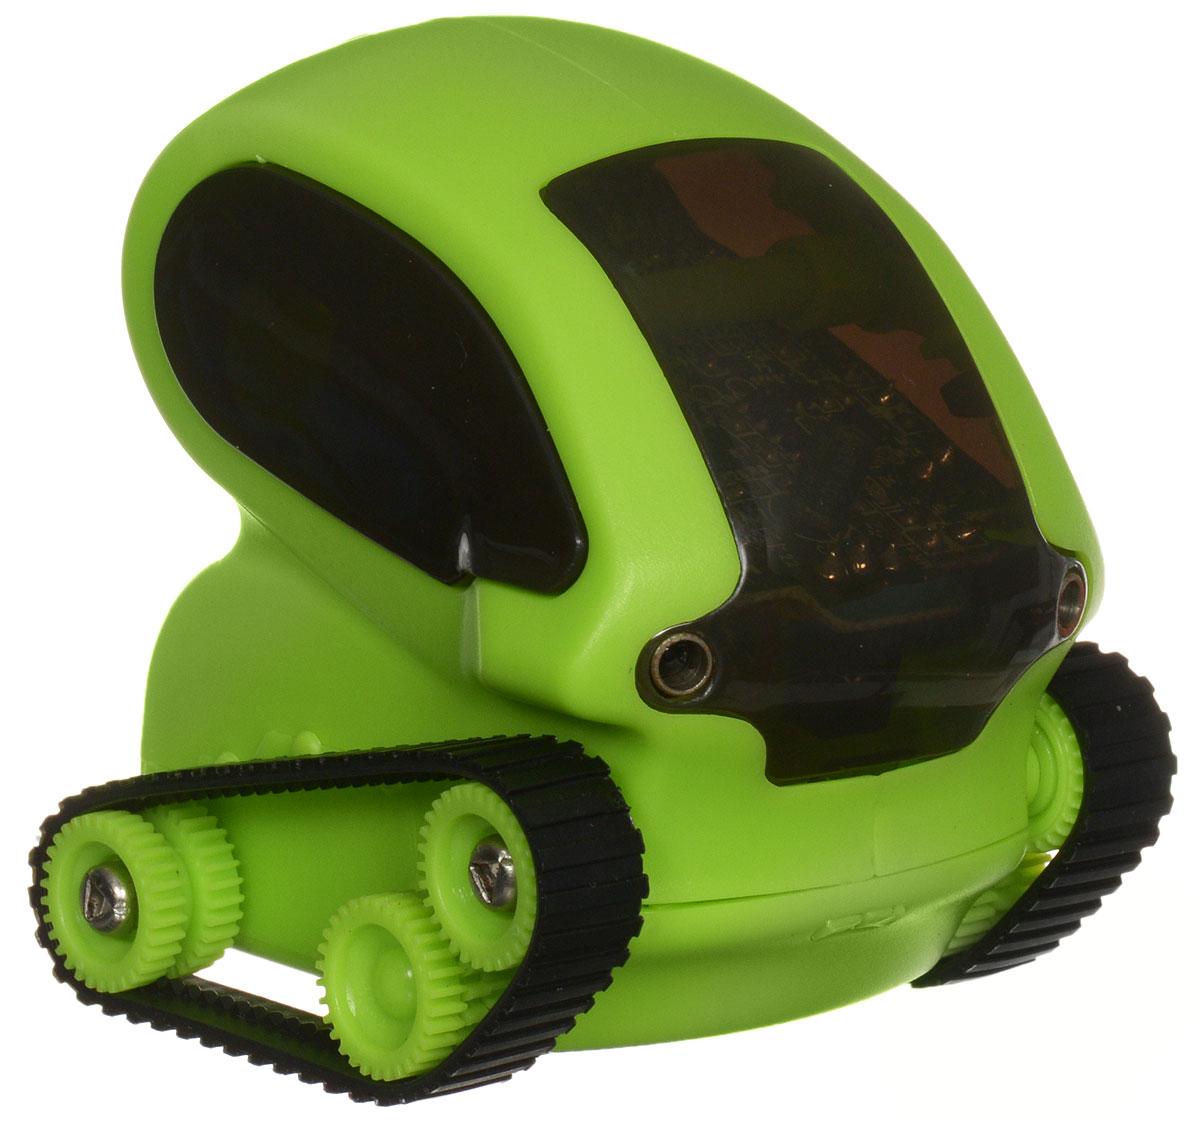 DeskPets Микро-робот на радиоуправлении Танкбот цвет зеленый - Радиоуправляемые игрушки